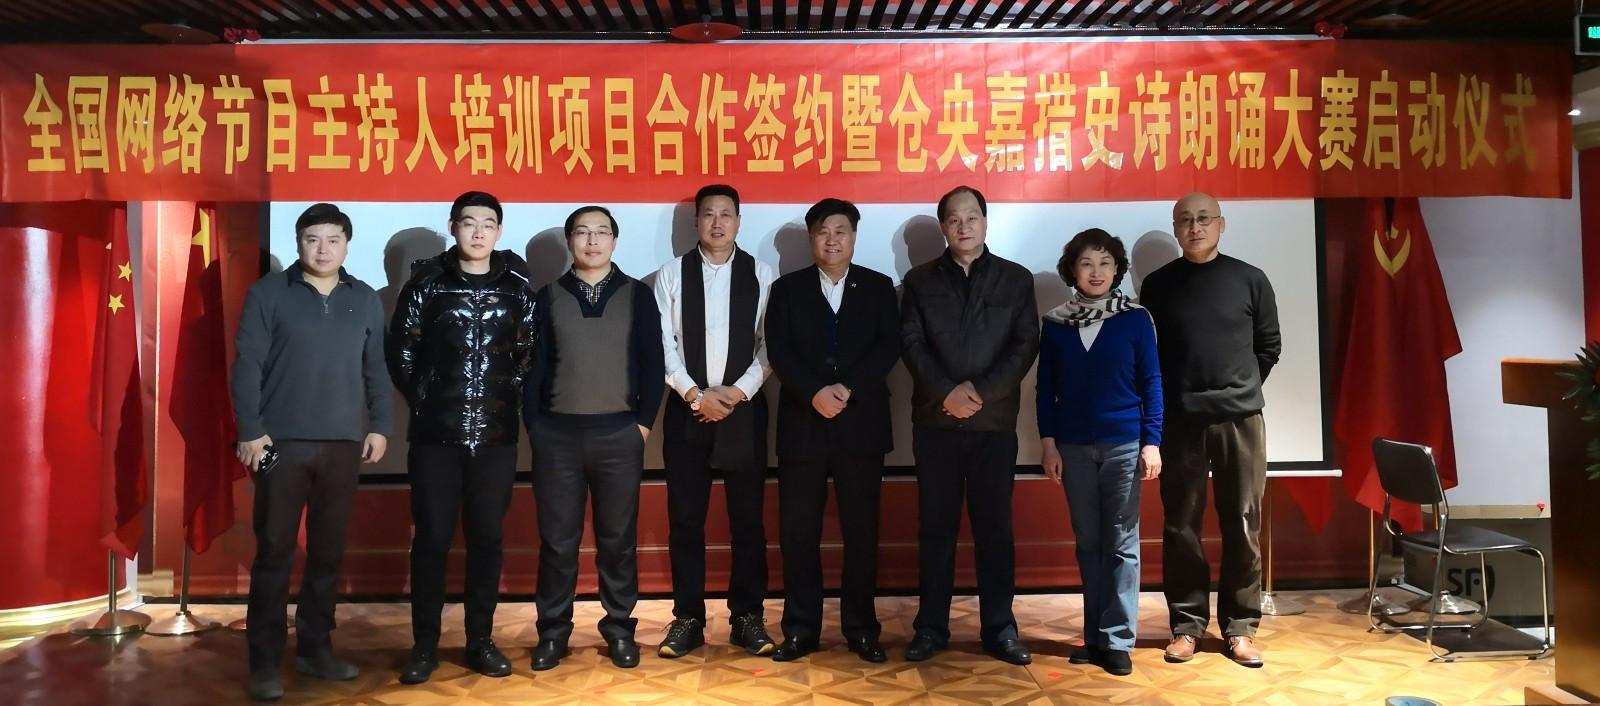 仓央嘉措诗集朗诵_《仓央嘉措史诗》朗诵大赛启动仪式在京举行_中国